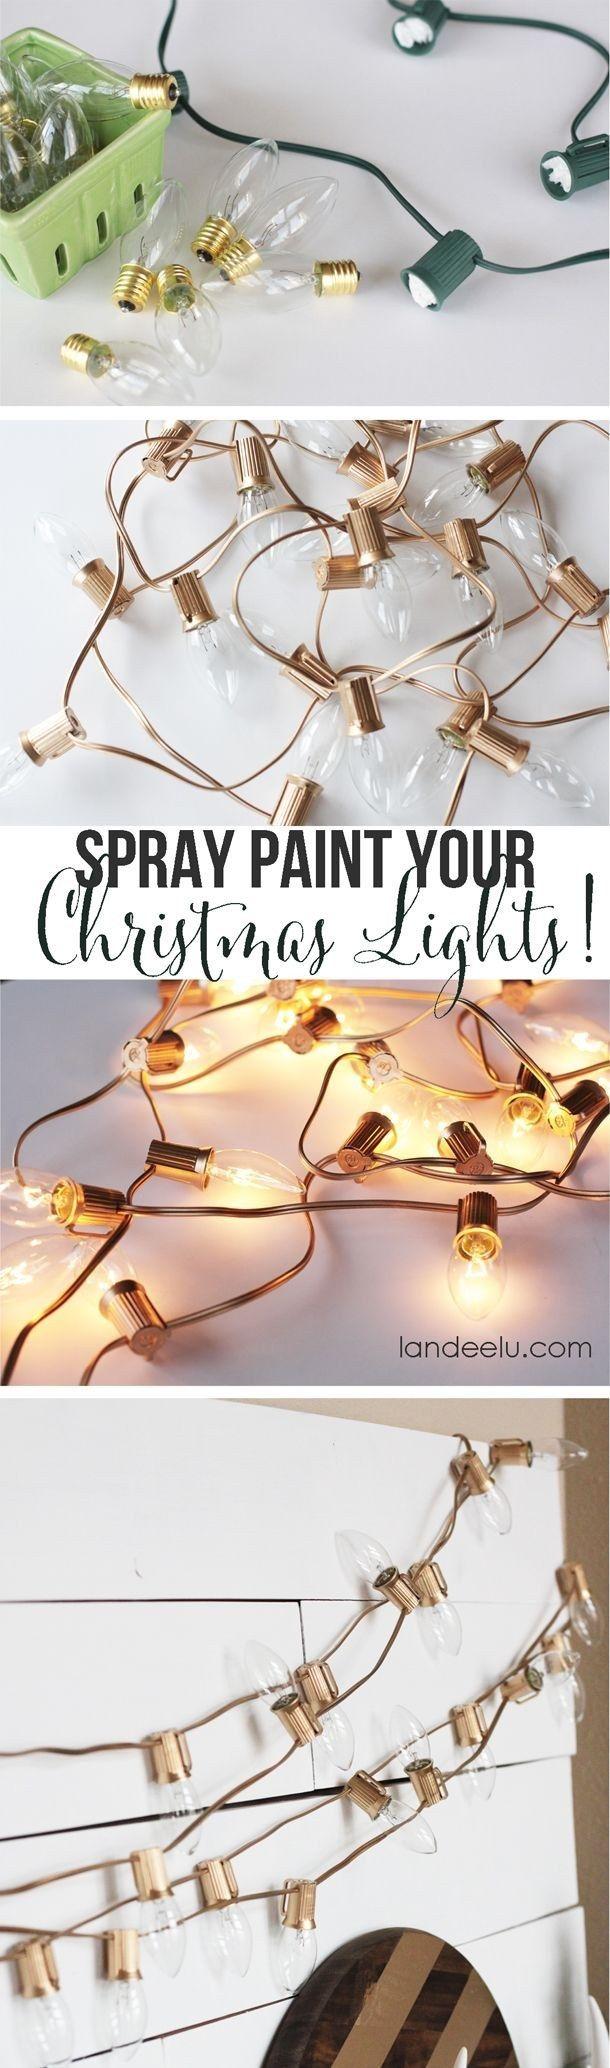 Les éclairages de Noël ne sont plus limités aux fêtes si vous les dorez. | 31 façons d'utiliser de la peinture en bombe pour avoir l'air plus riche